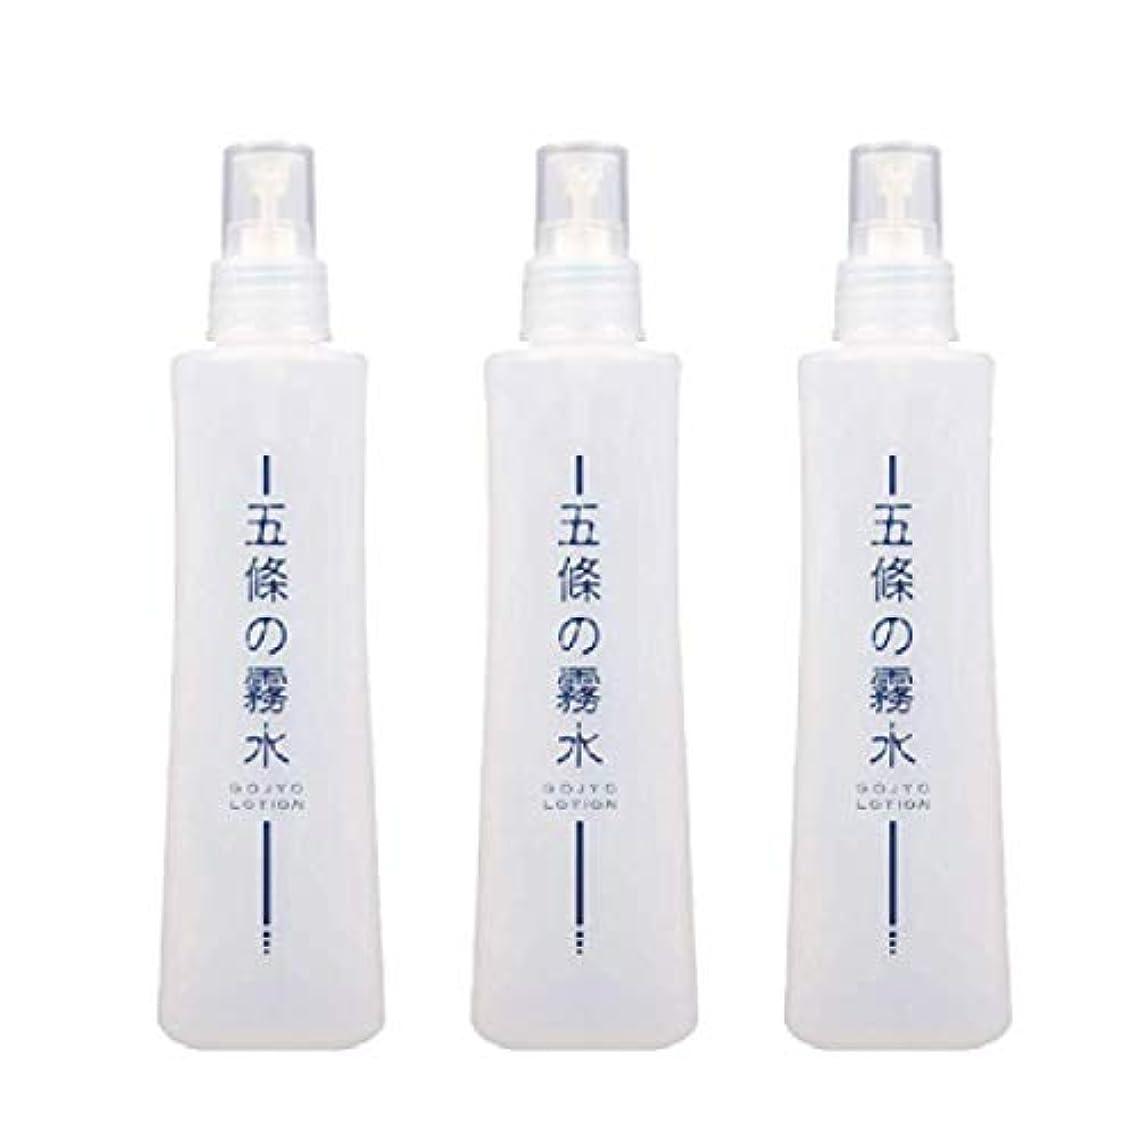 蘇生する胃まつげ五條の霧水ベーシック(3本セット) +アレッポの石鹸1個プレゼント 無添加保湿化粧水